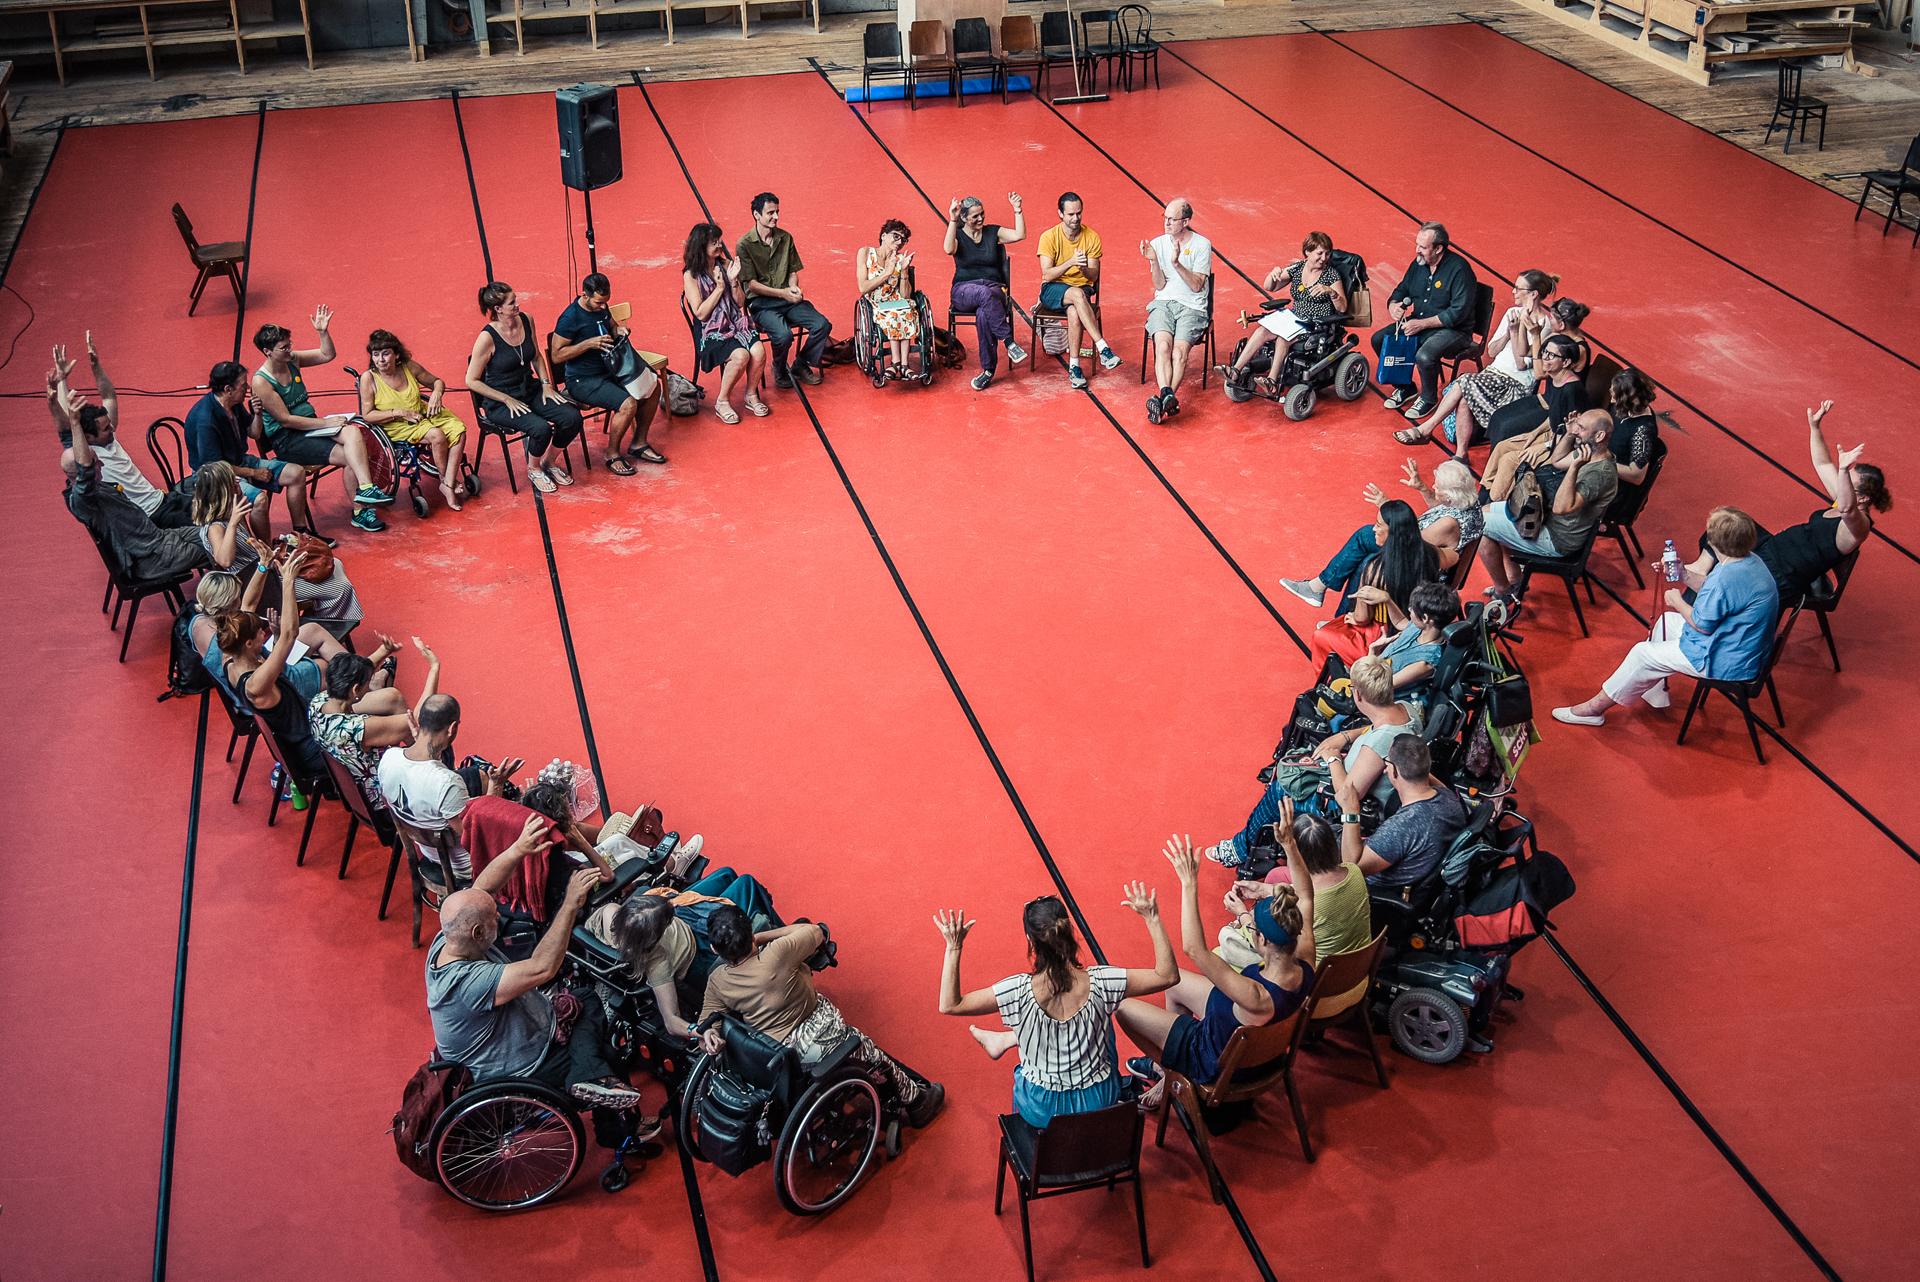 TeilnehmerInnen sitzen Kreis - schaut aber wie ein Herz aus